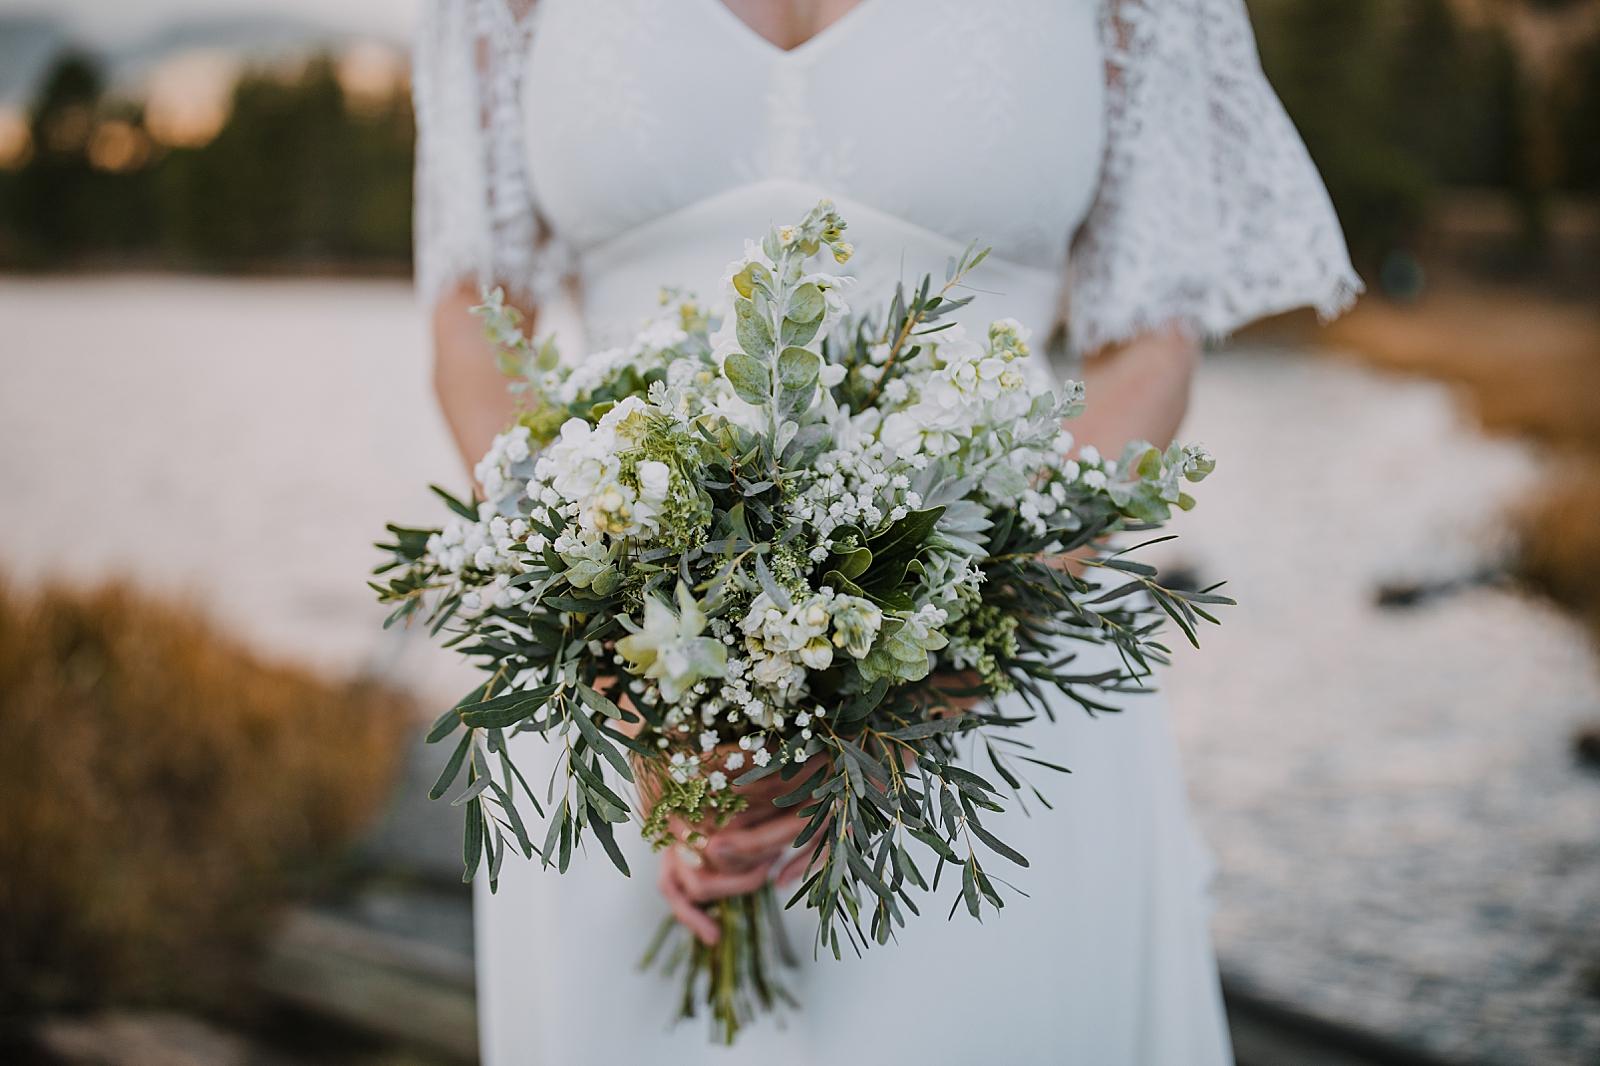 bridal bouquet, sprague lake dock elopement, sunrise elopement, colorado elopement, sprague lake elopement, rocky mountain national park elopement, adventurous colorado hiking elopement